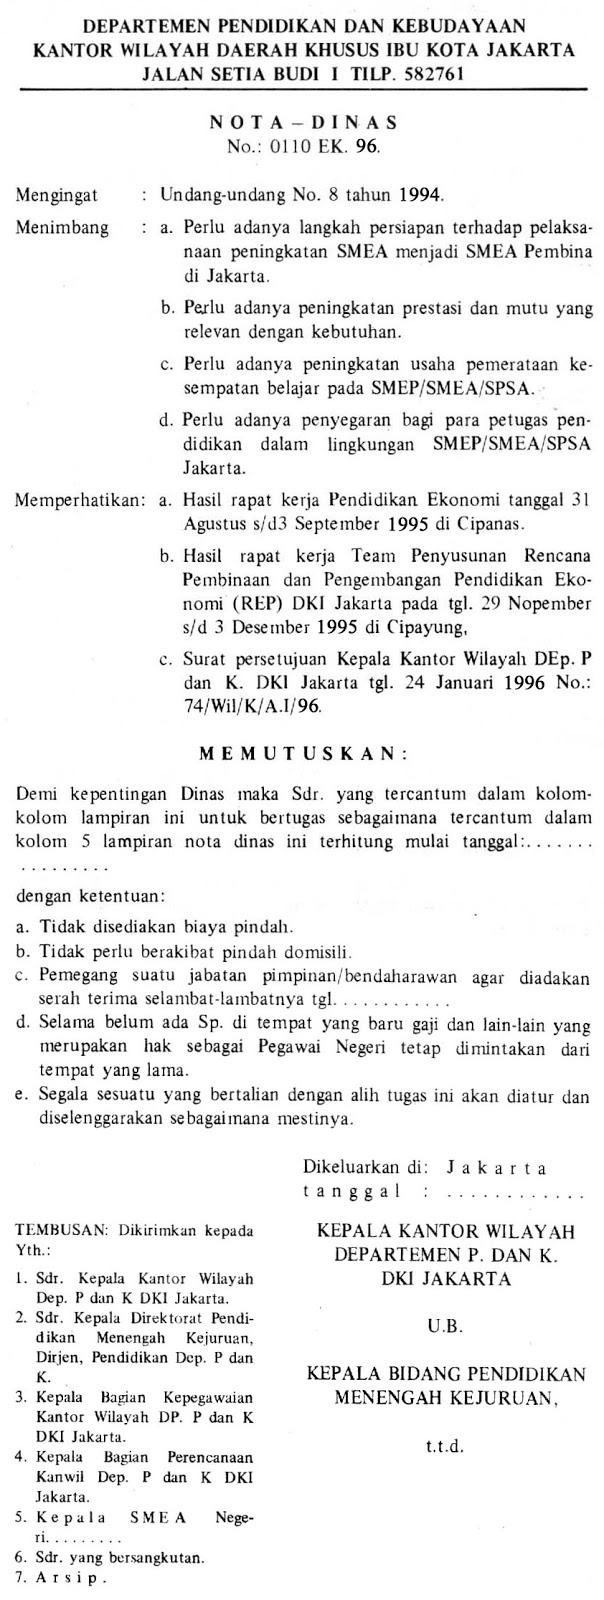 contoh-nota-dinas